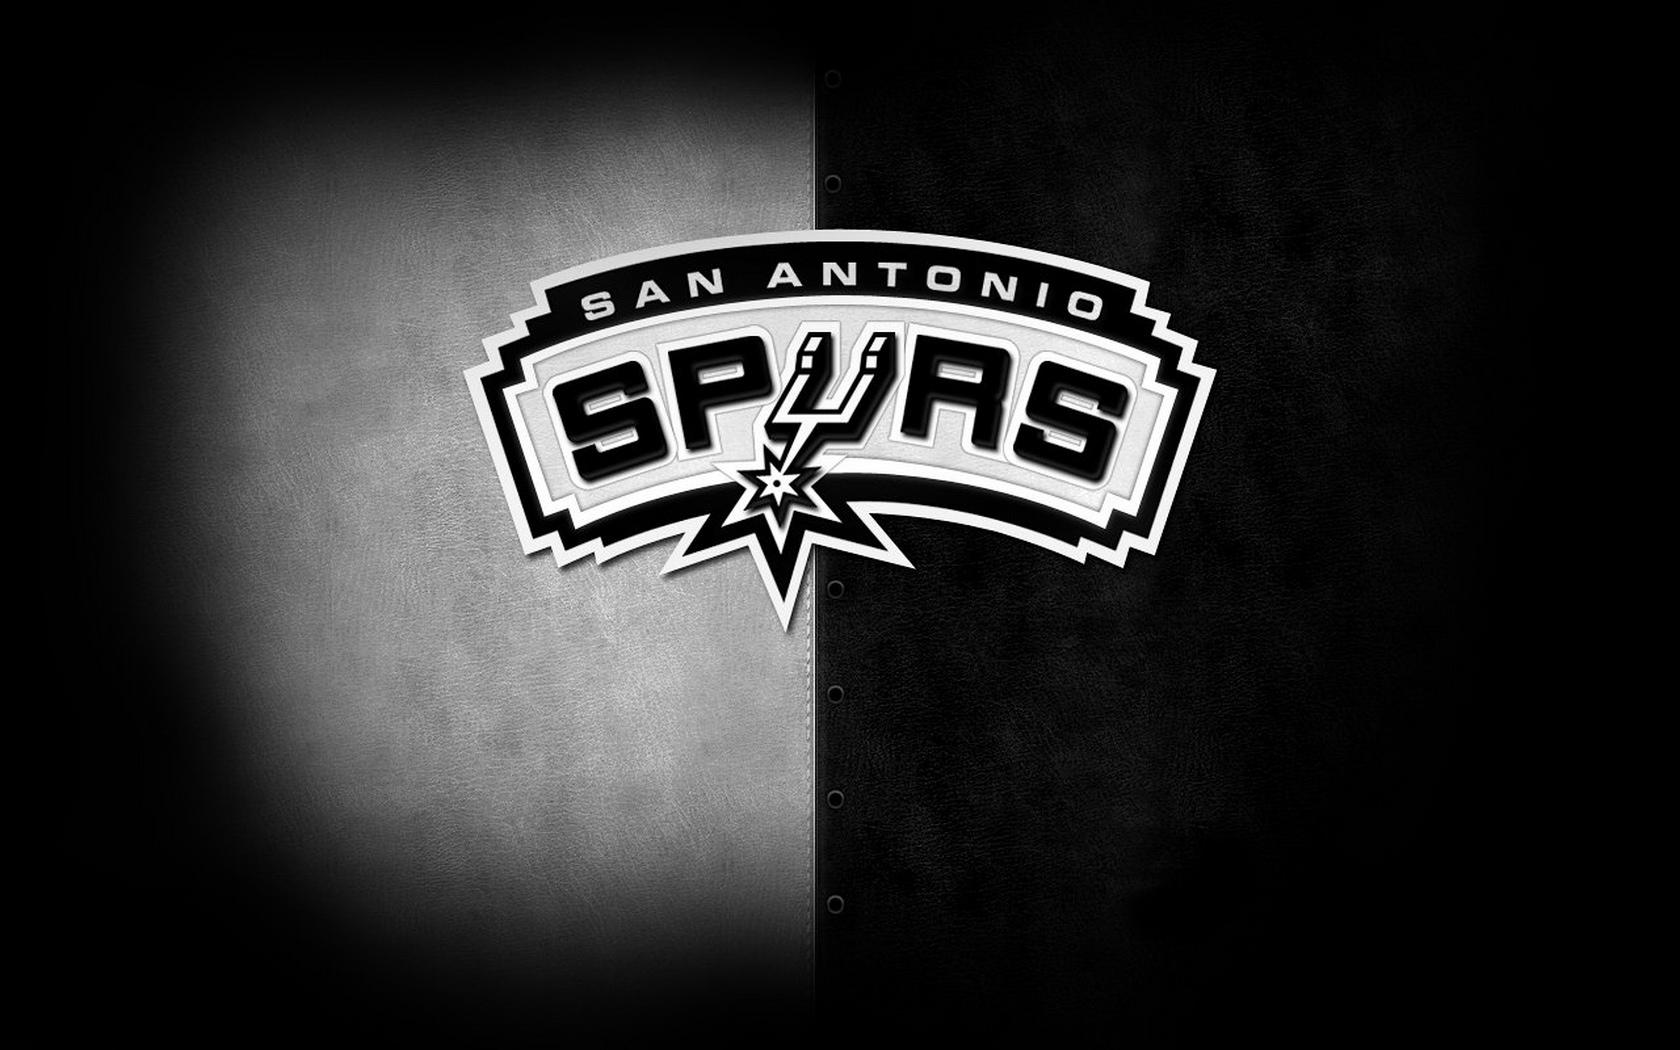 Spurs Wallpaper